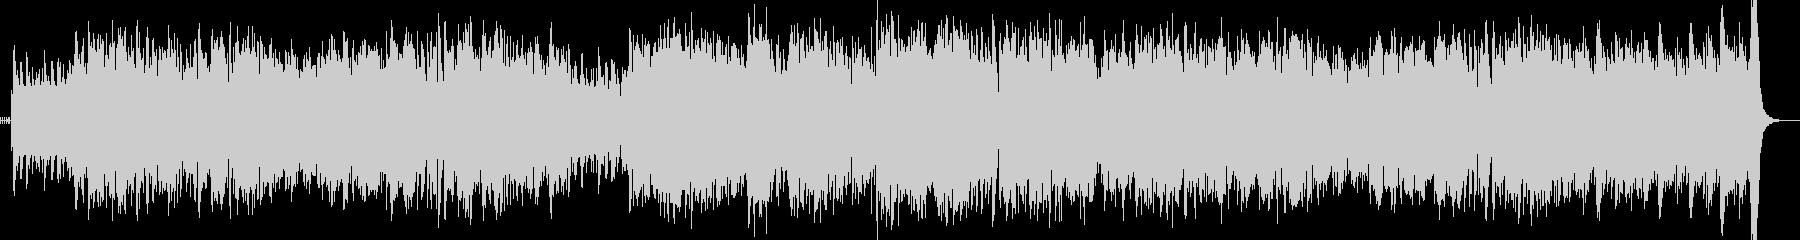 スタイリッシュ ジャズ アップテンポの未再生の波形